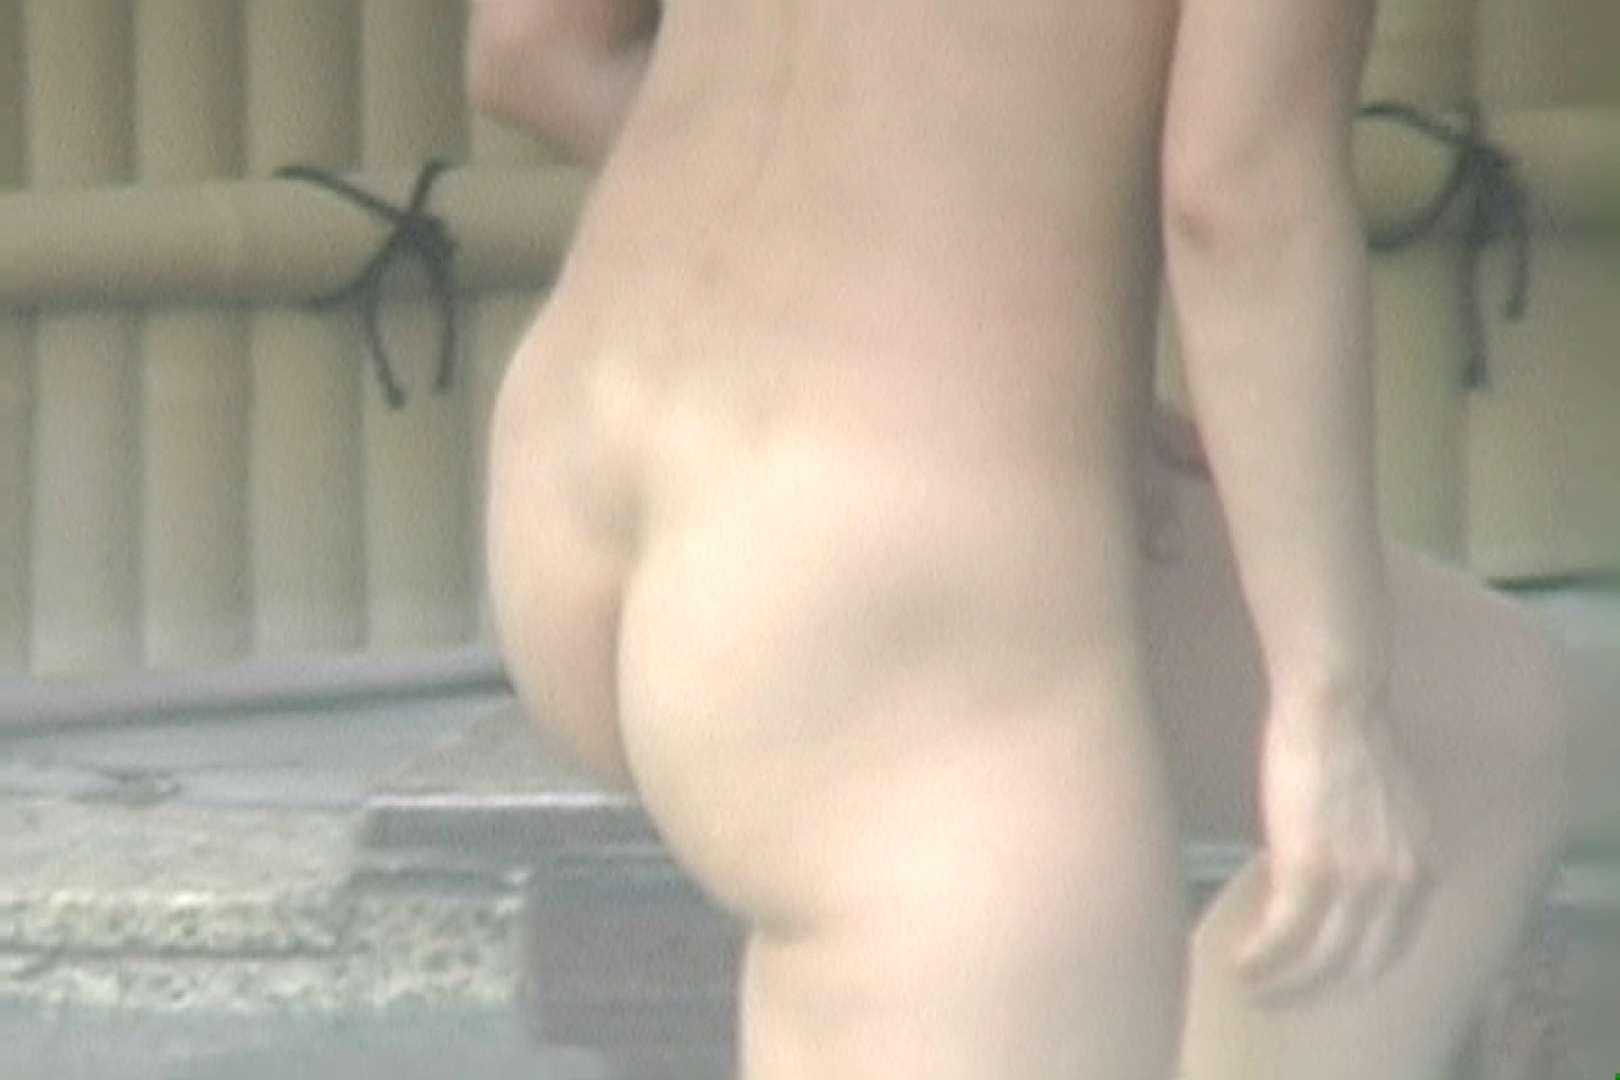 高画質露天女風呂観察 vol.012 乙女 セックス画像 100画像 25